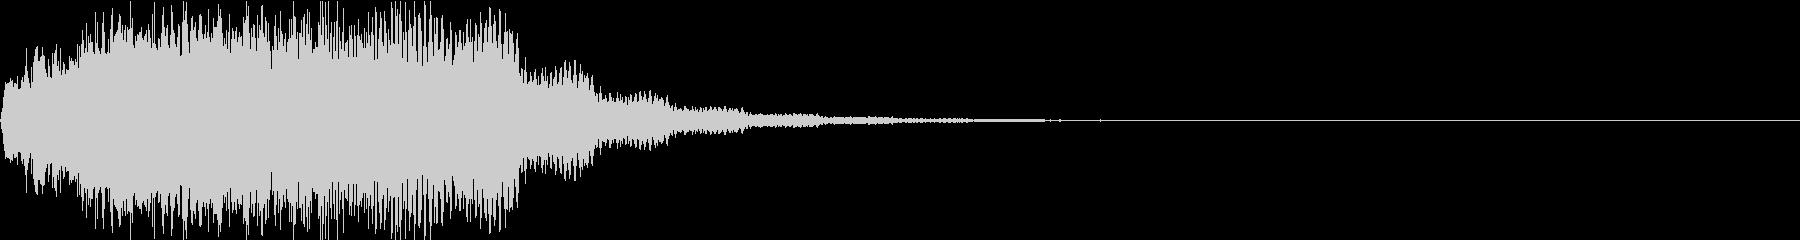 プーン・サイレン・ブザー・キュイーン2の未再生の波形